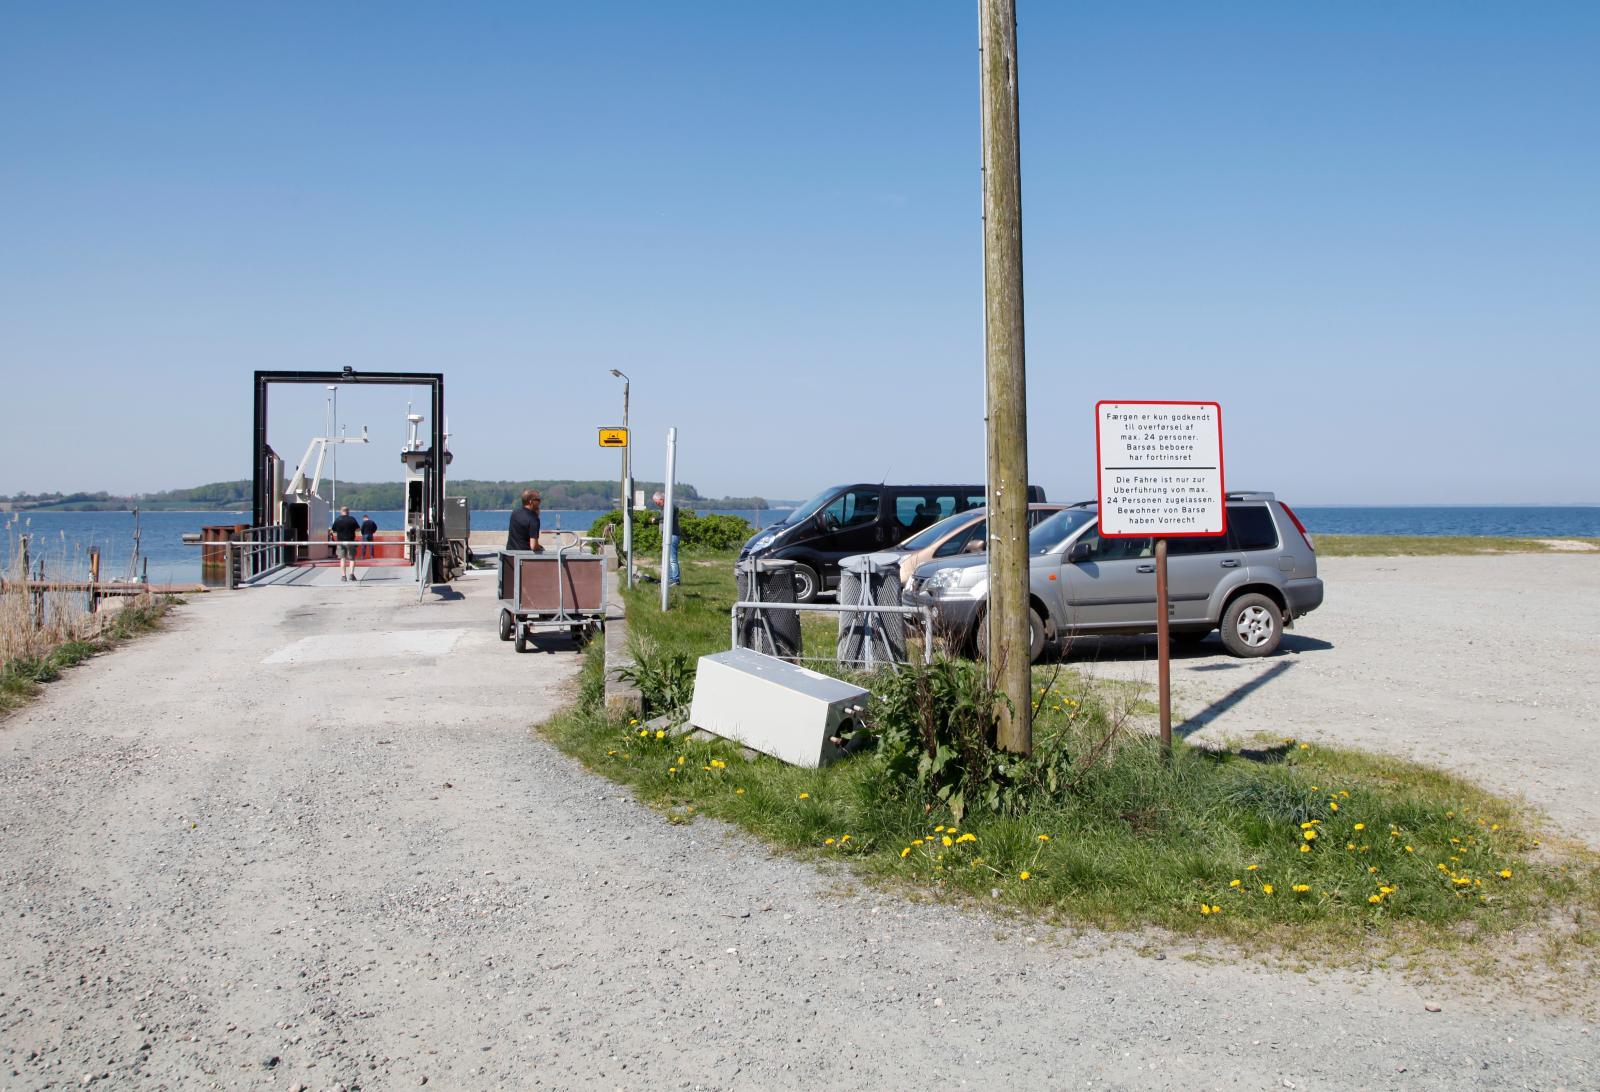 Vid färjeläget på fastlandet får din husbil (eller husvagn) stå parkerad medan du befinner dig på Barsø.